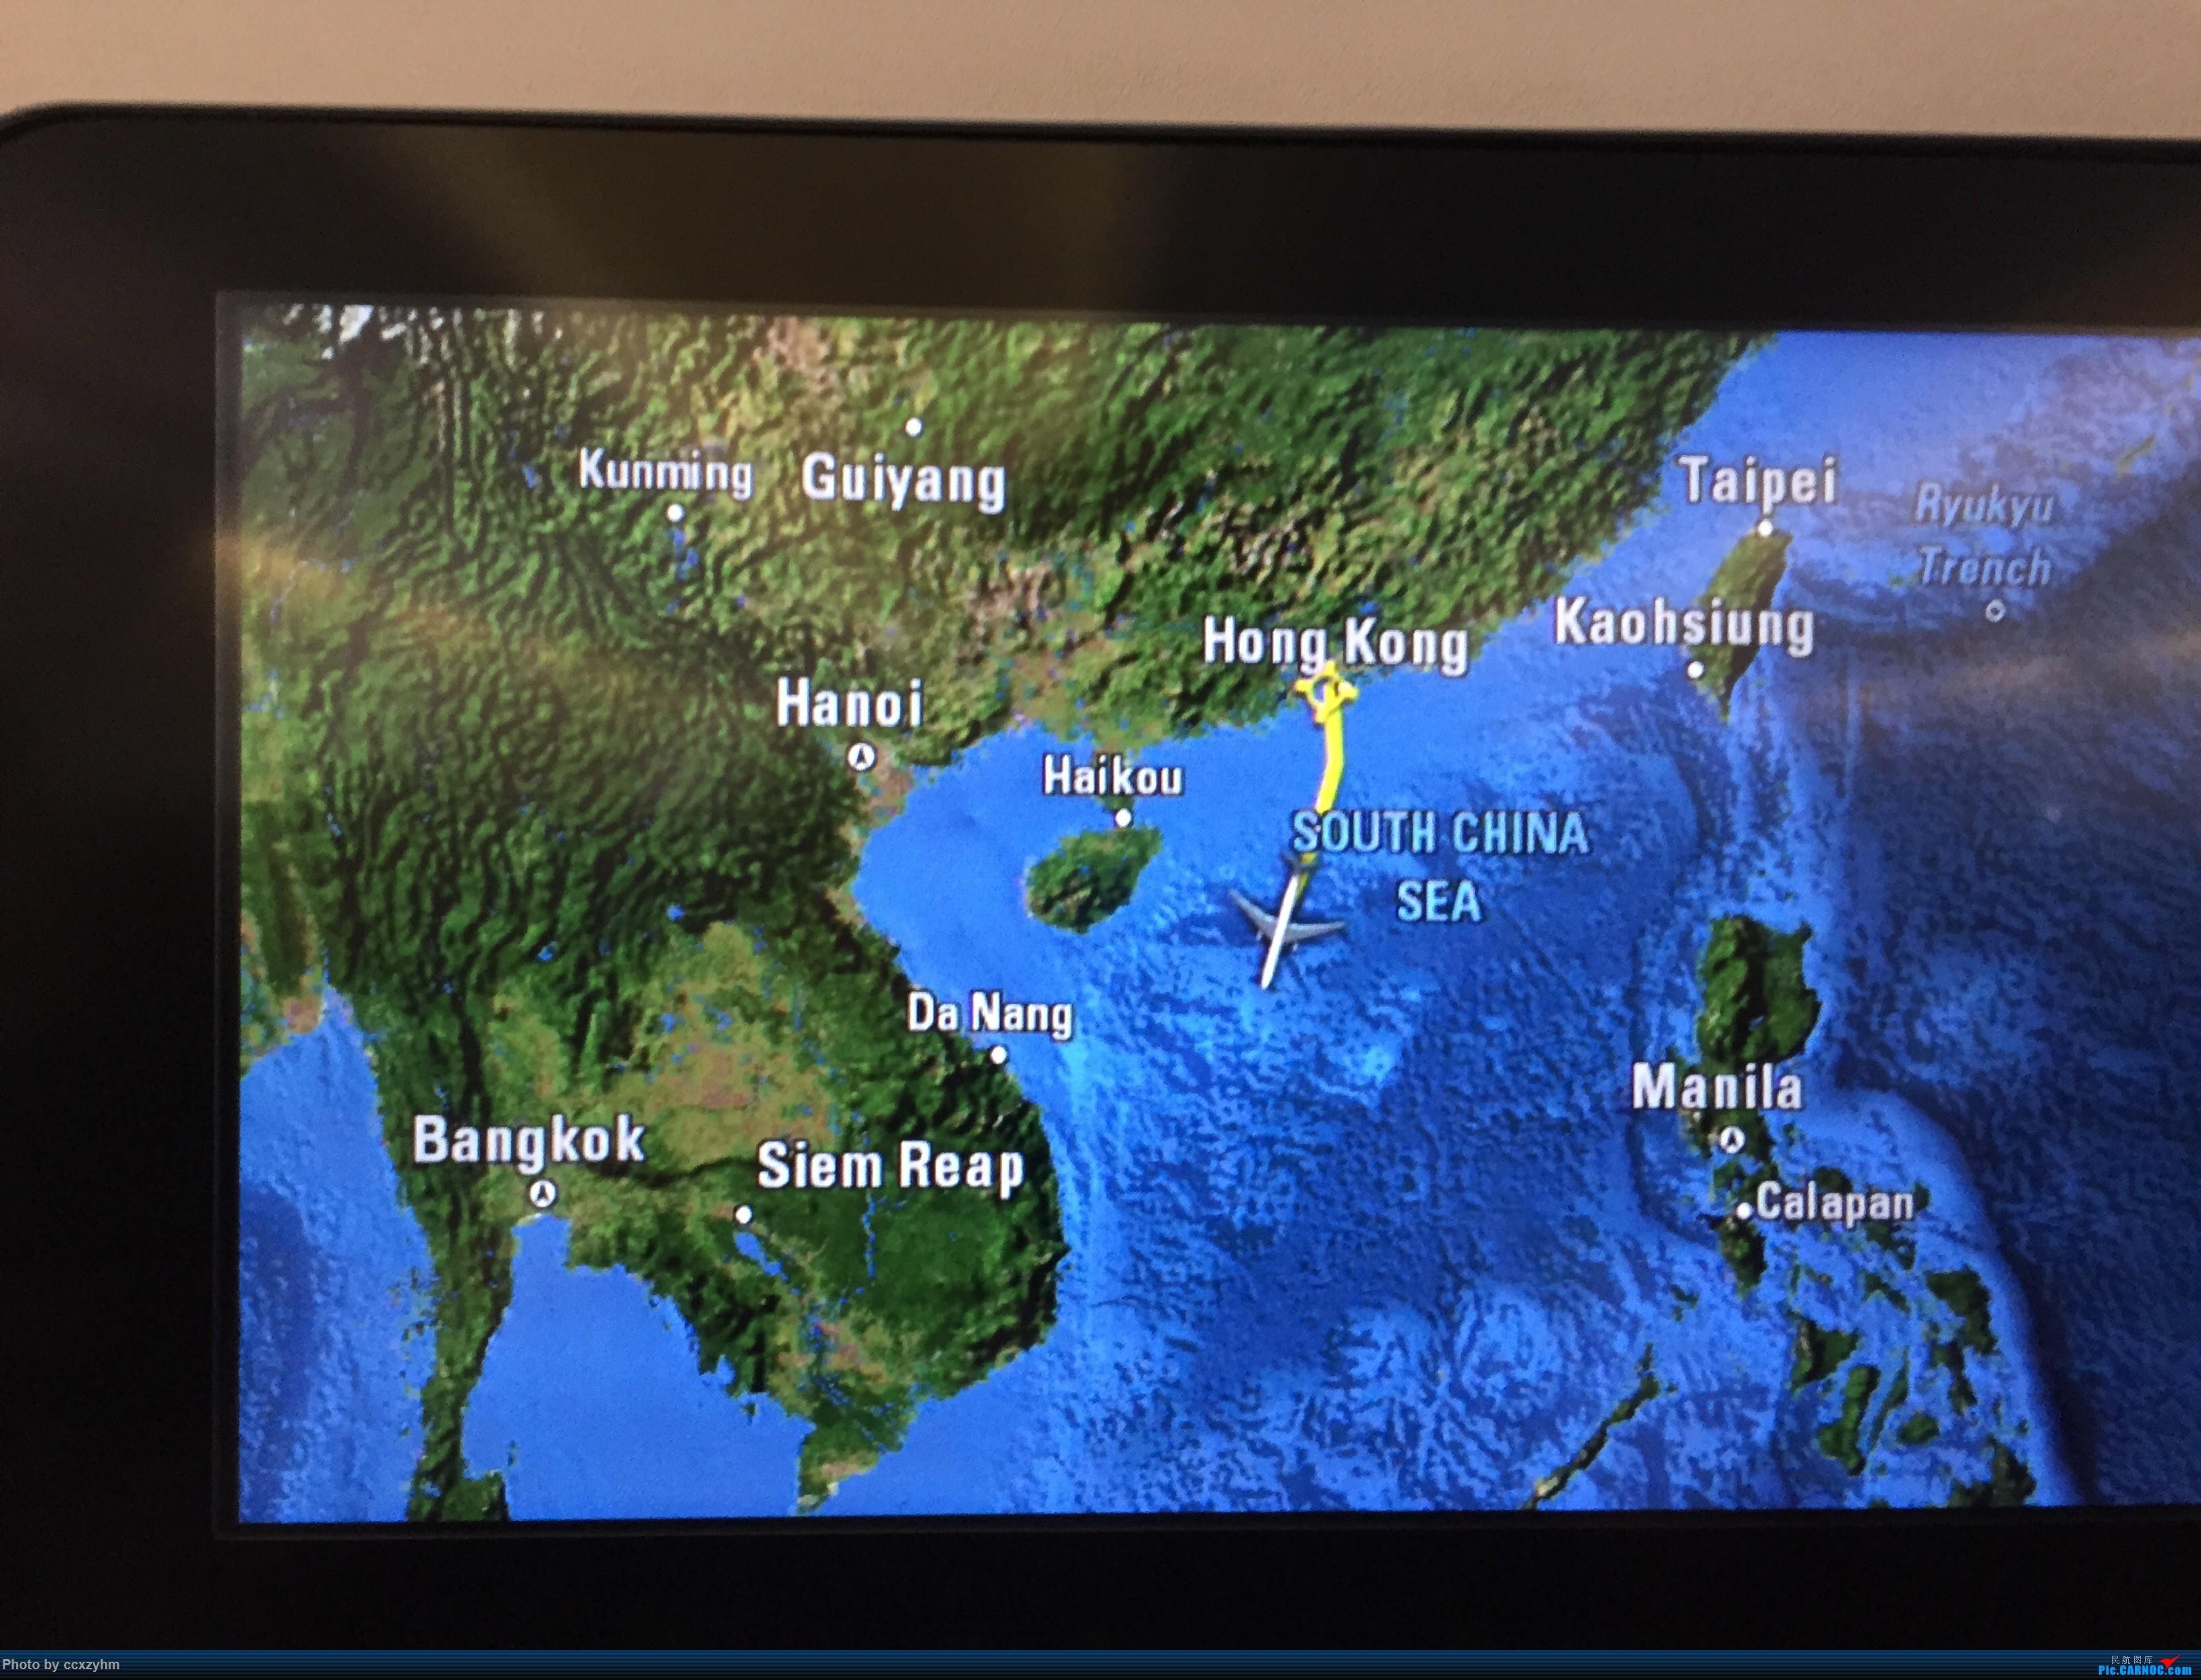 Re:[原创]PEK-HKG-SIN 港龙+国泰 KA+CX 暑假游坡县 333  空中